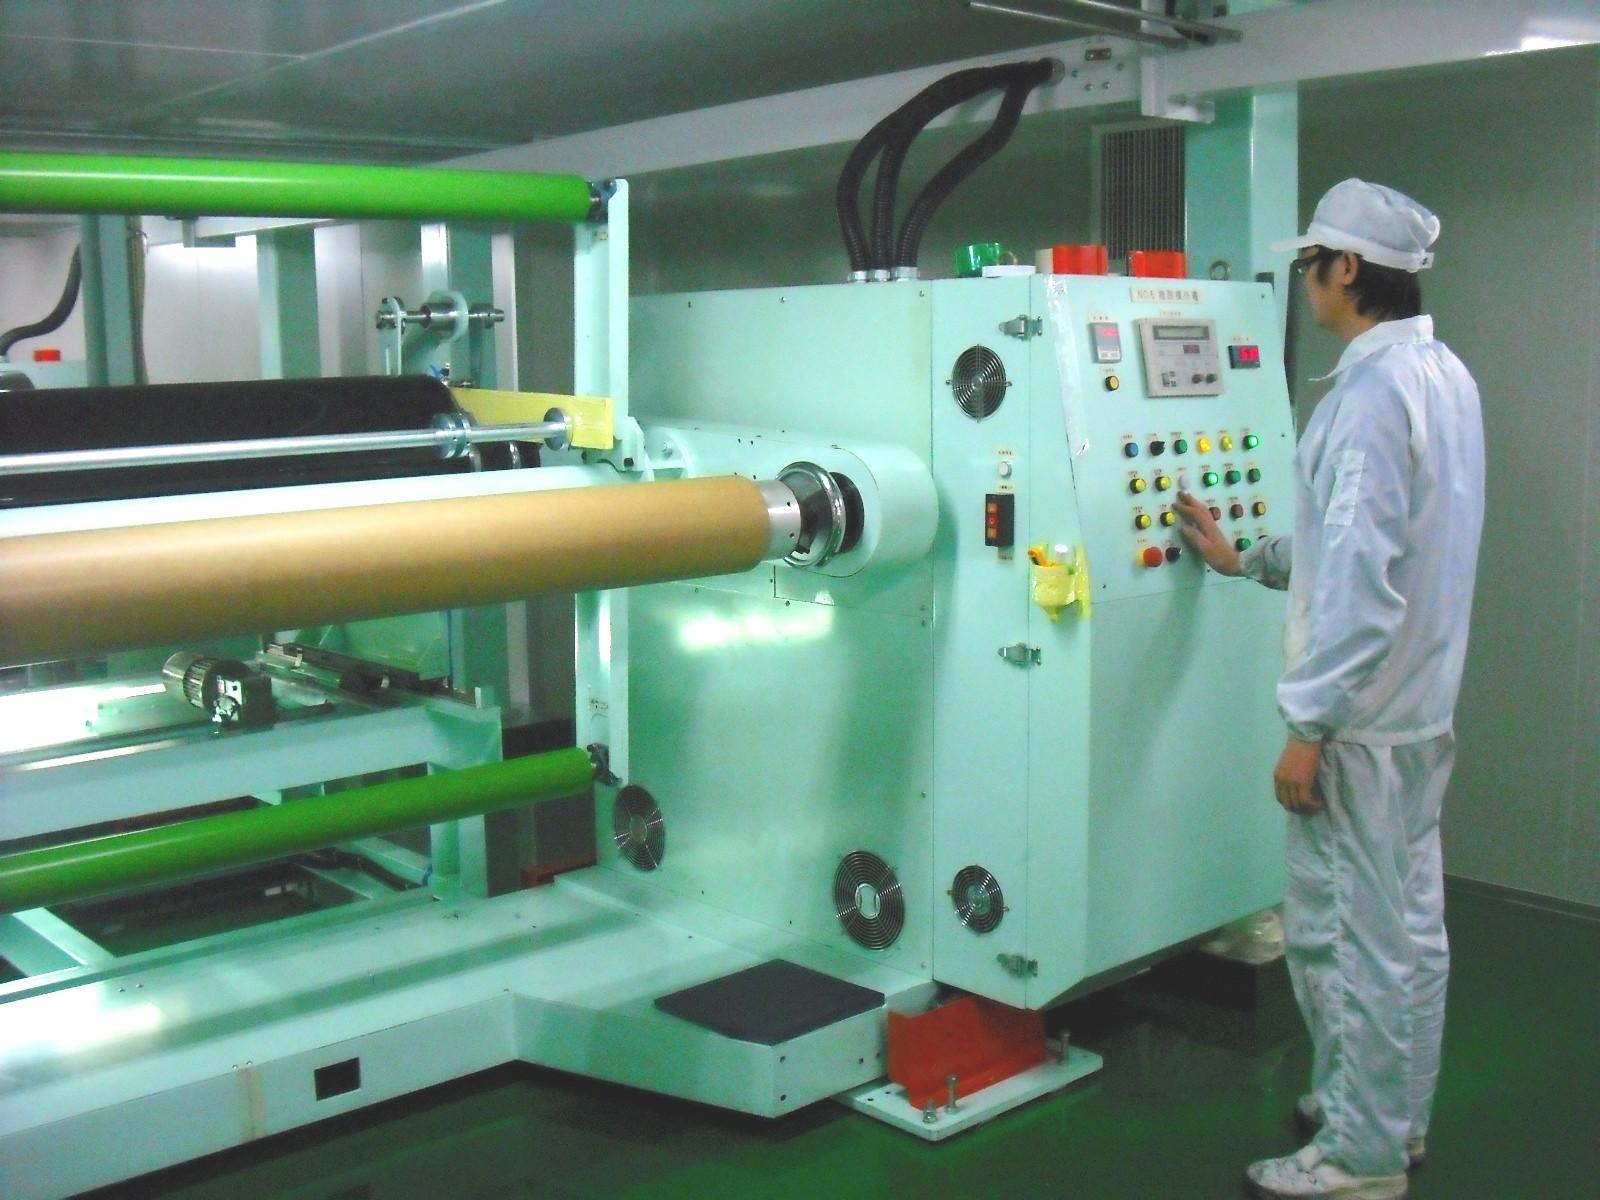 Tapasztaltak vagyunk az ablakfóliák, a tajvani gyárak gyártásában, új korszerűsített berendezésekkel.